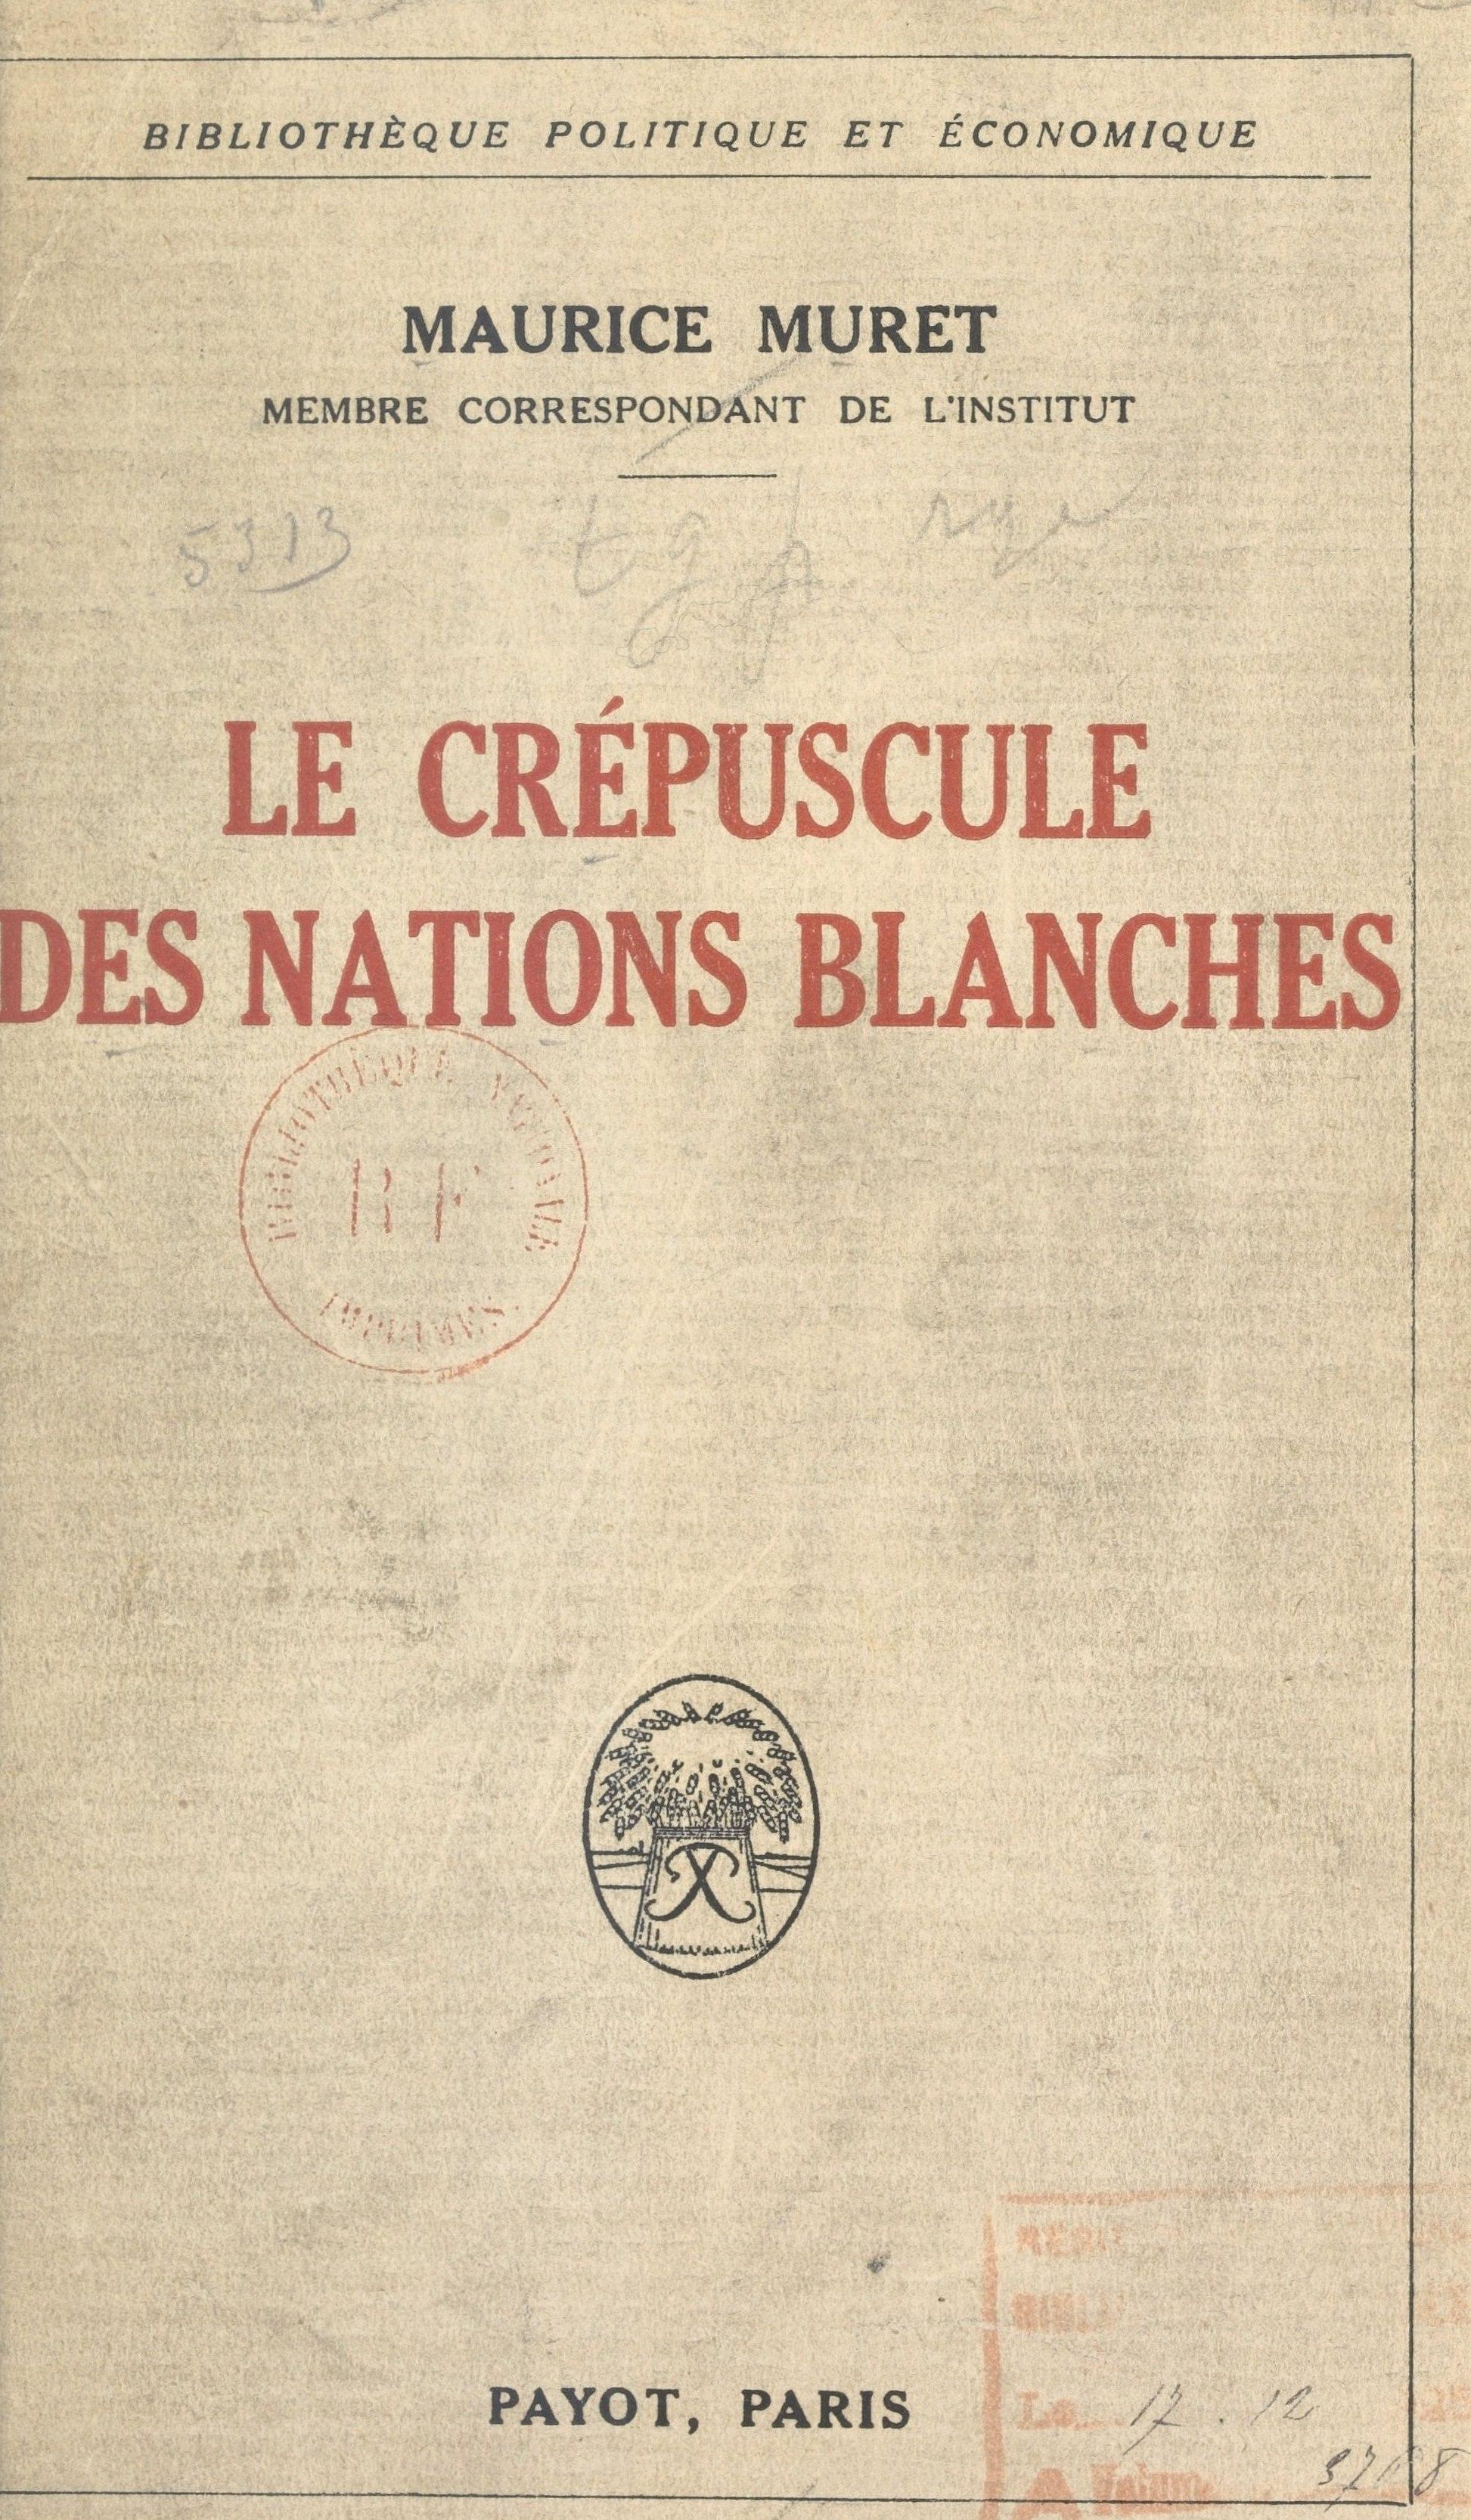 Le crépuscule des nations b...